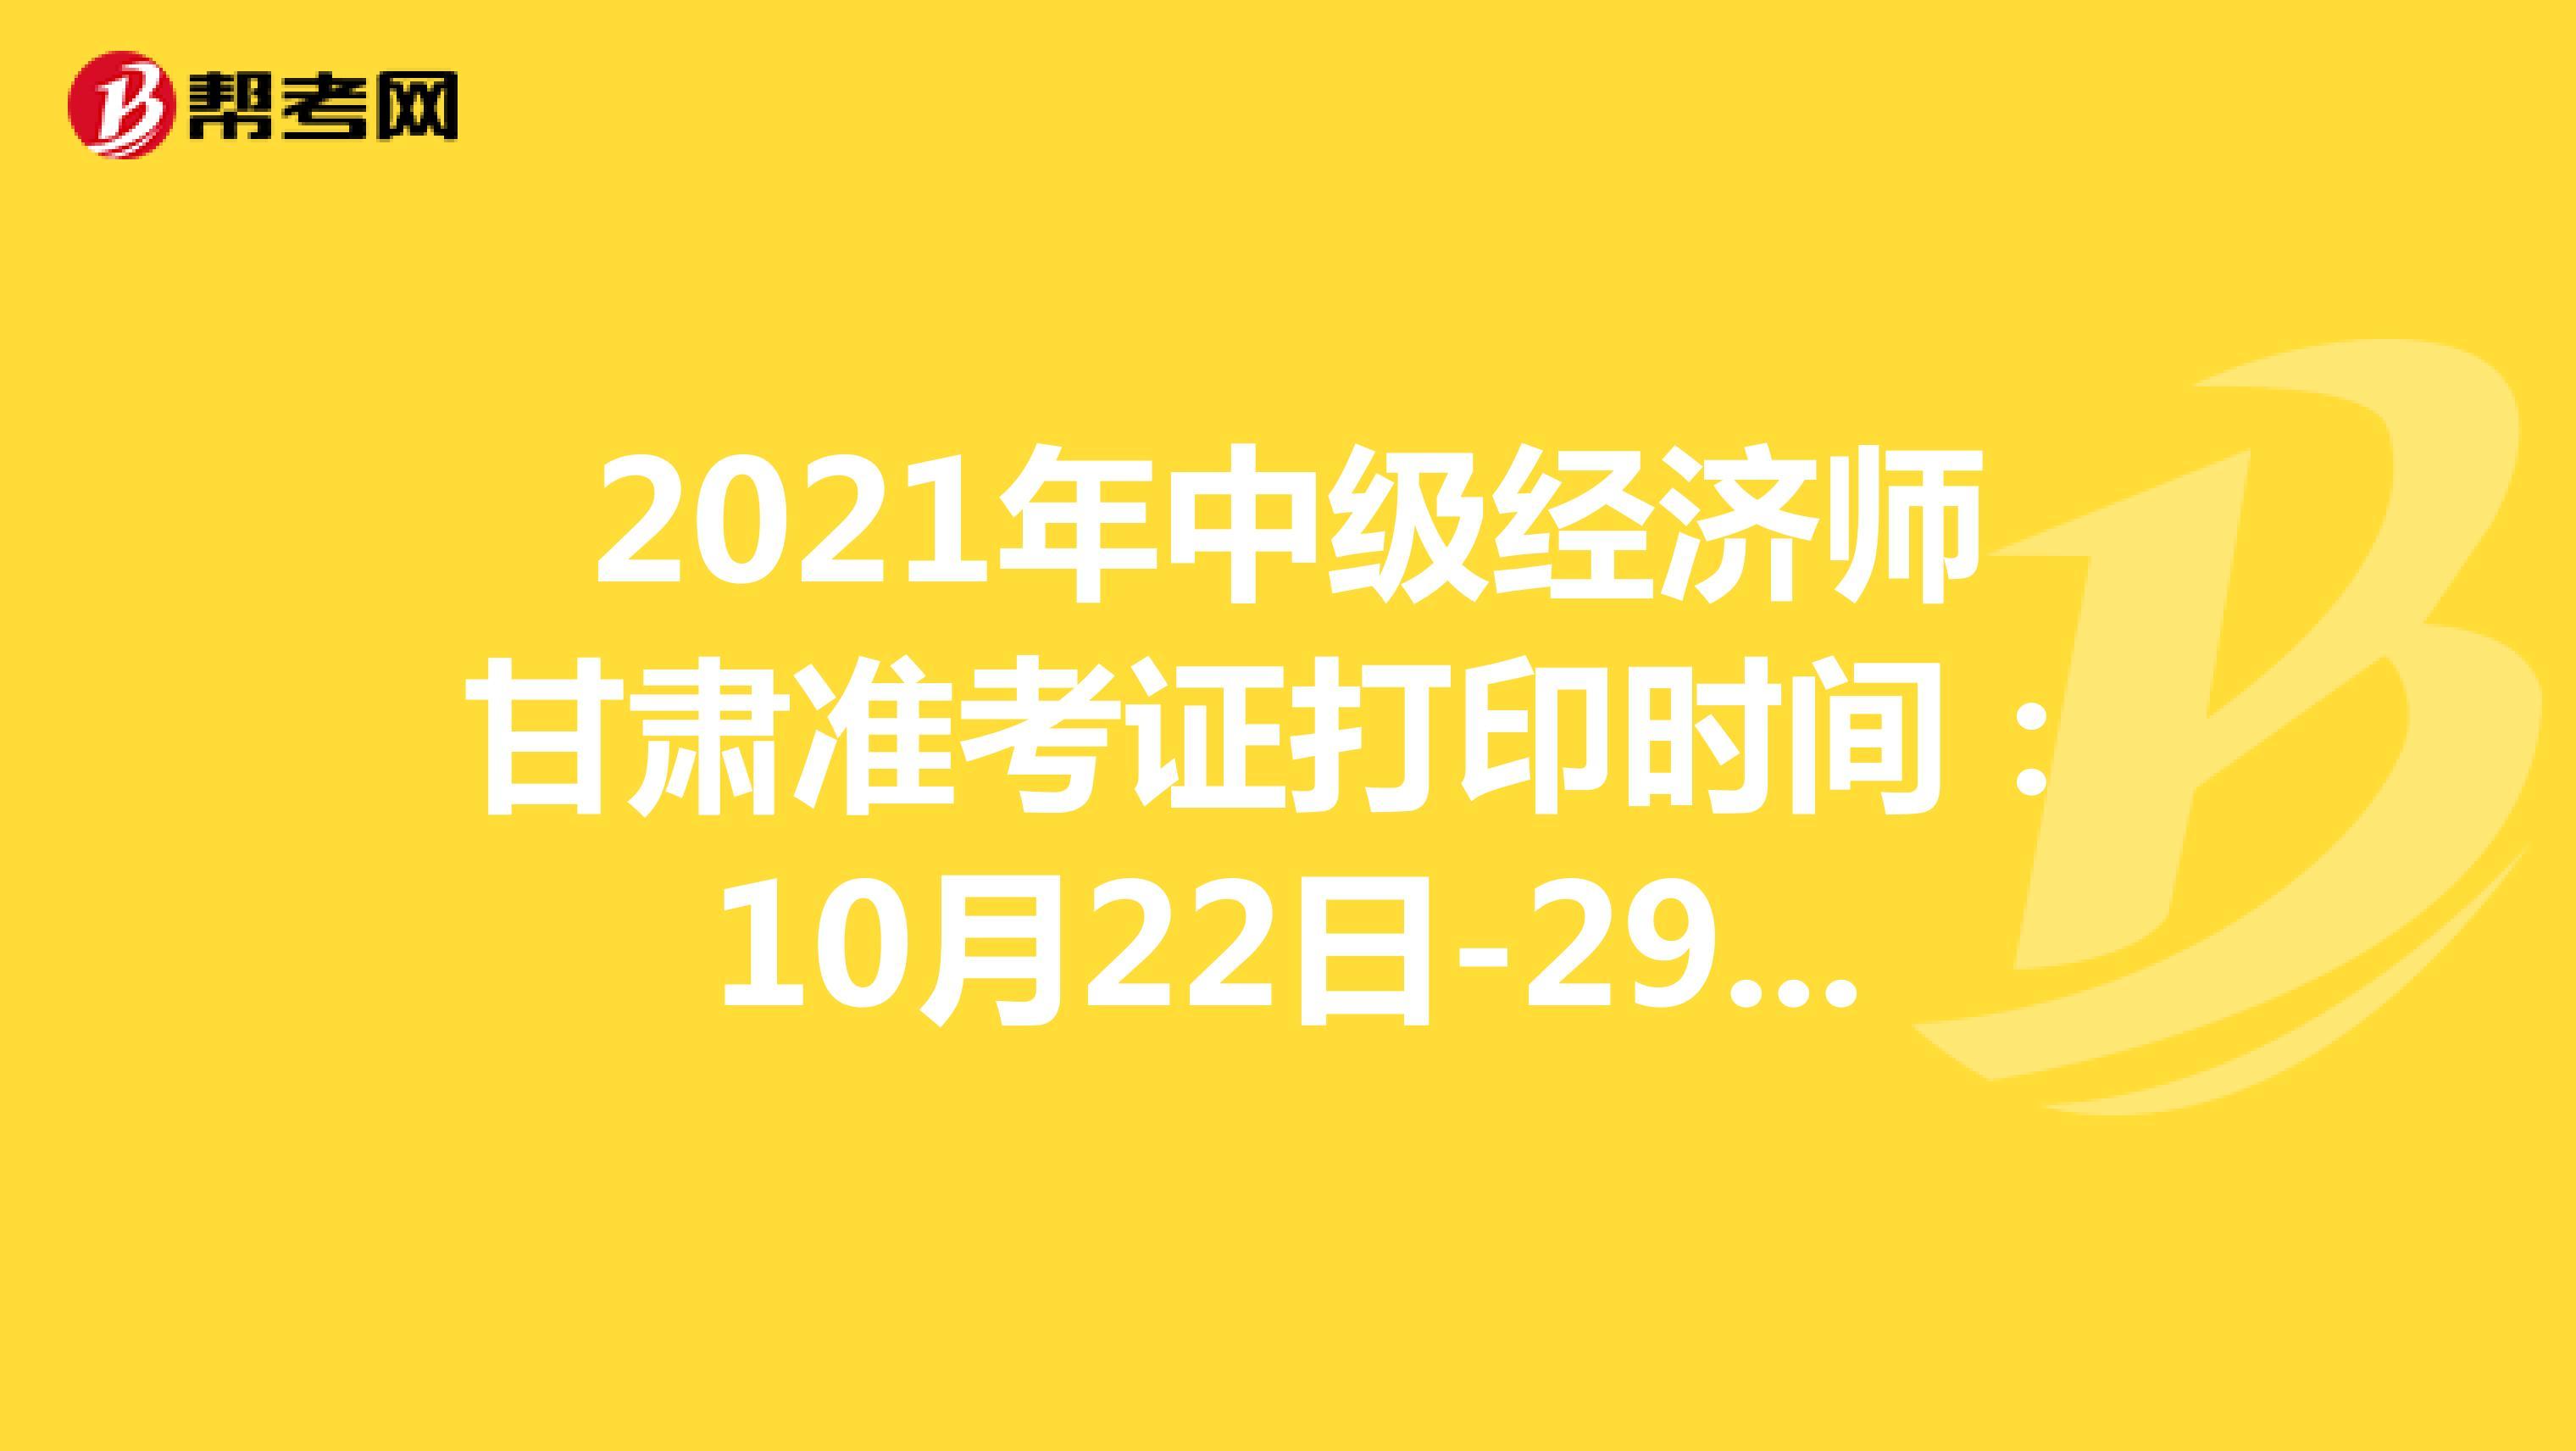 2021年中级经济师甘肃准考证打印时间:10月22日-29日!